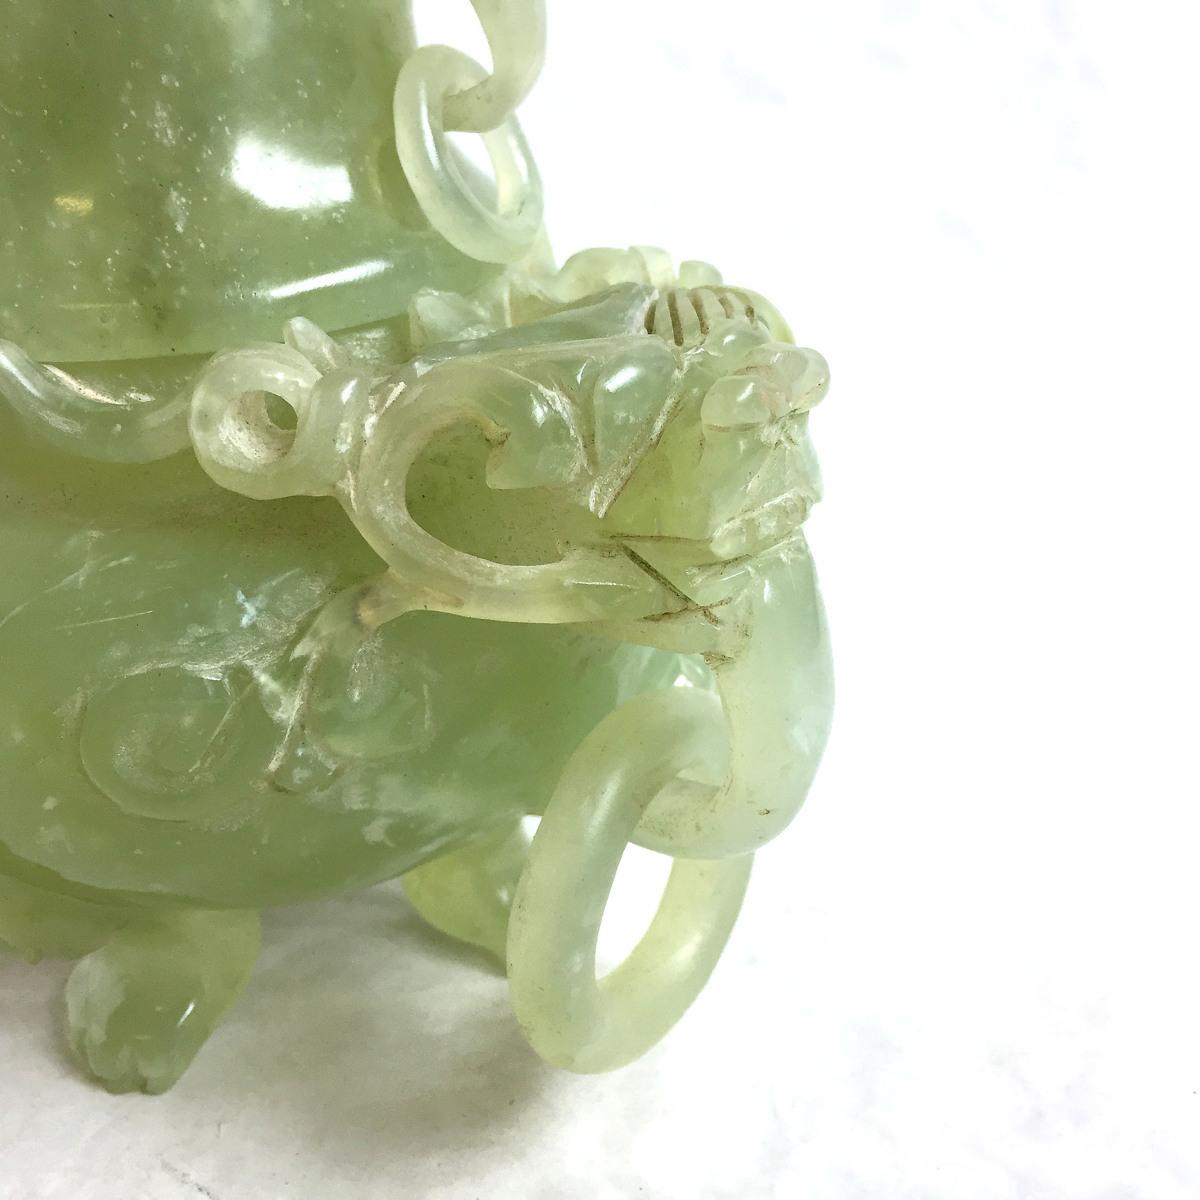 2241 瑪瑙 めのう 玉? 翡翠? 香炉 置物 オブジェ 中国美術 レトロ 高さ約18.5cm リサイクル アンティーク 紀の国屋_画像4